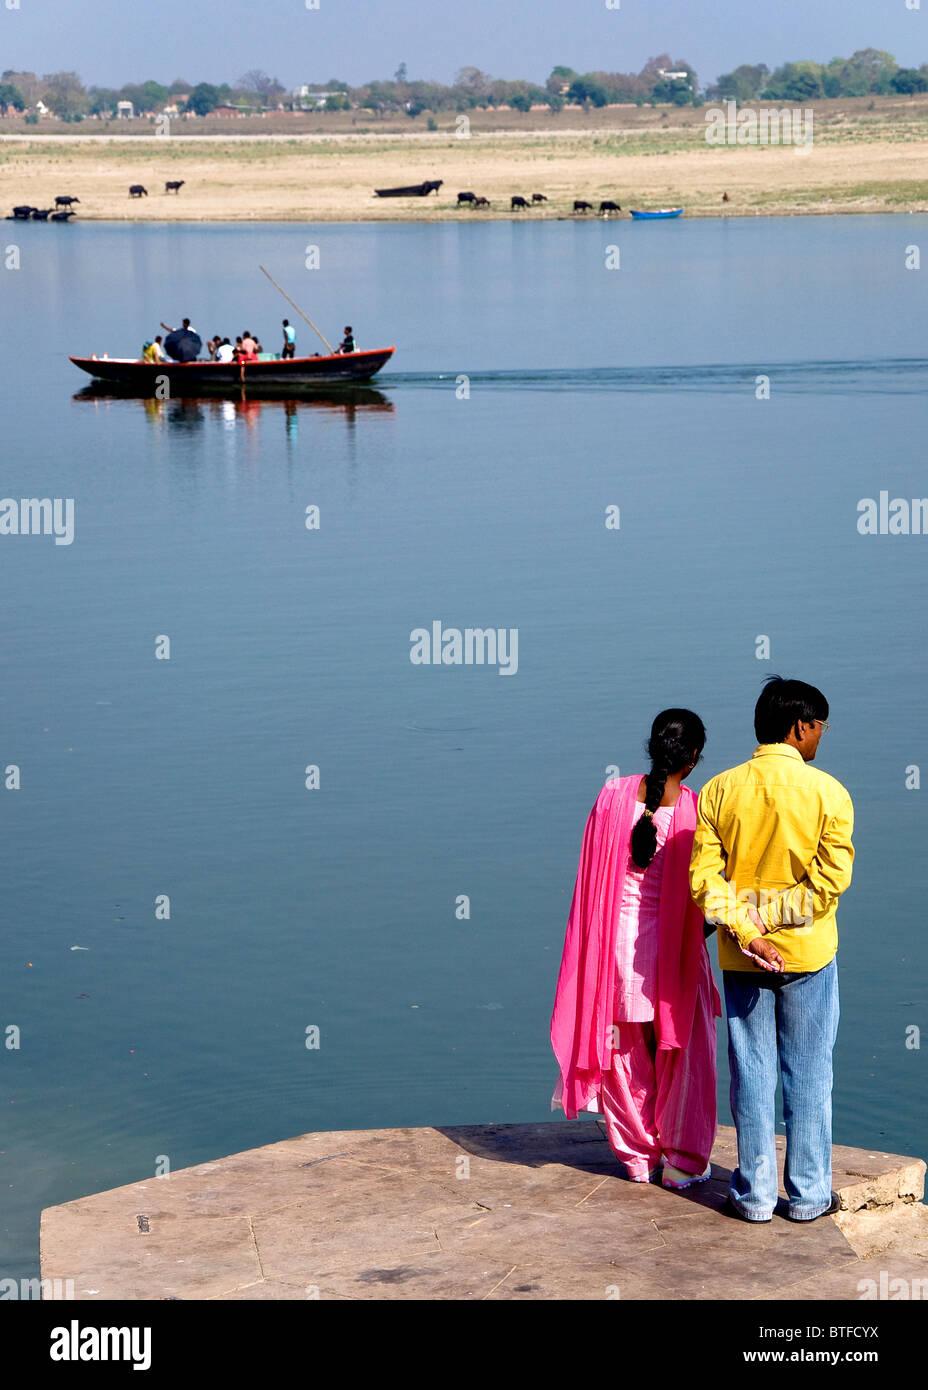 Pareja mirando el Ganges, Varanasi, Uttar Pradesh, India Imagen De Stock